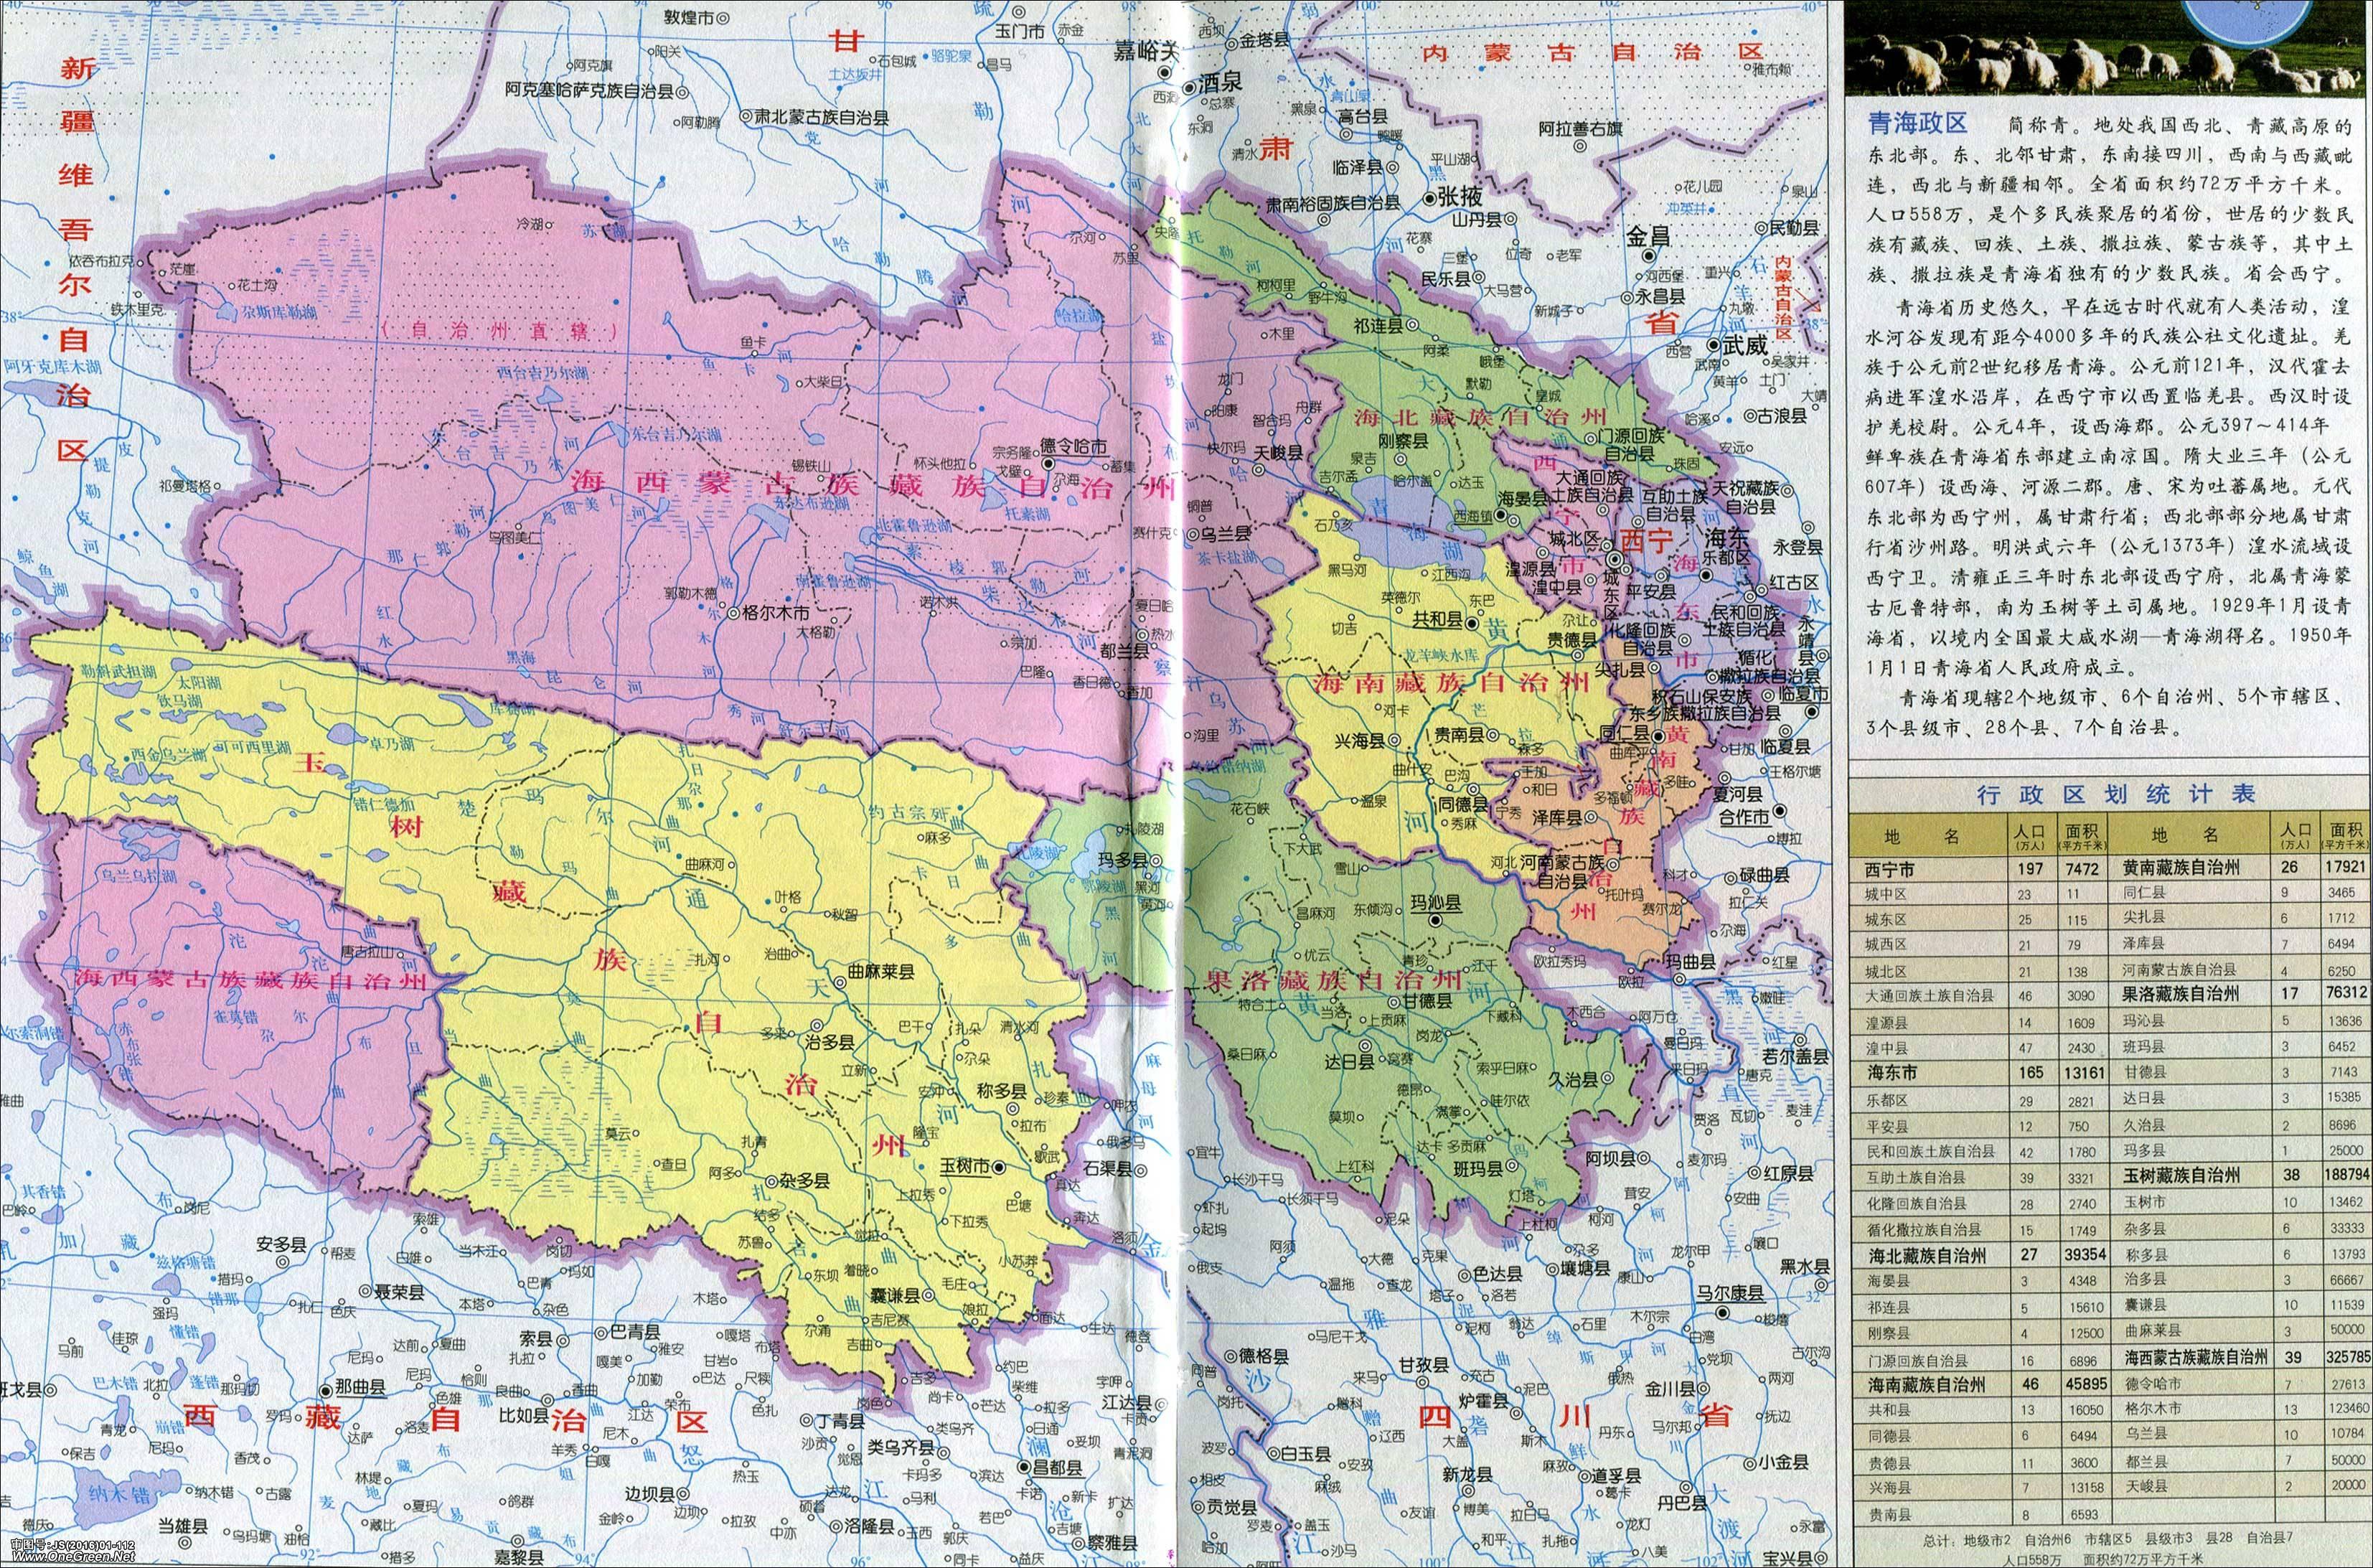 青海省地图全图高清版